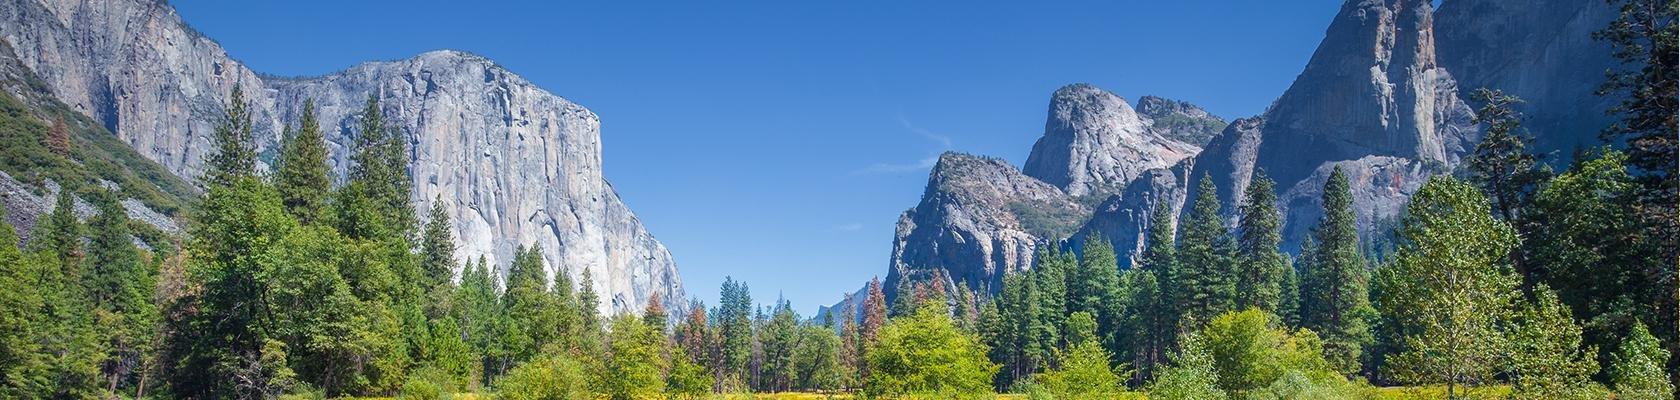 Rondreizen Amerika met het Yosemite Nationaal Park